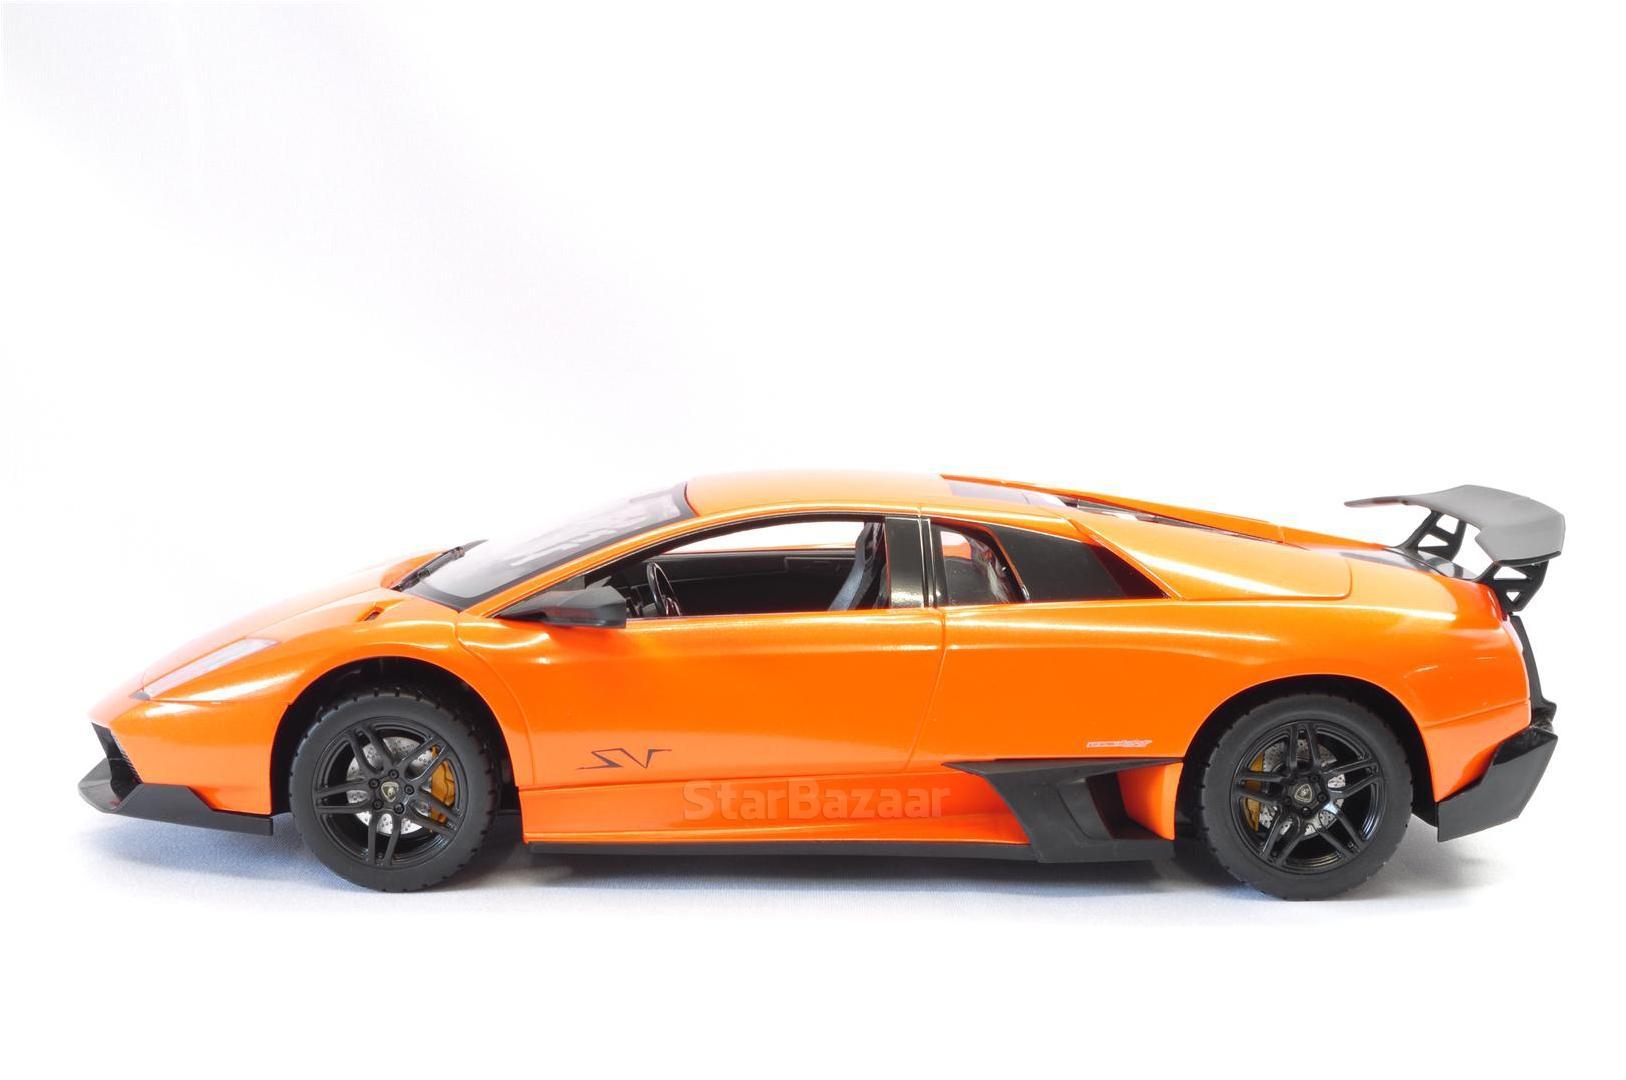 Lamborghini RC Auto